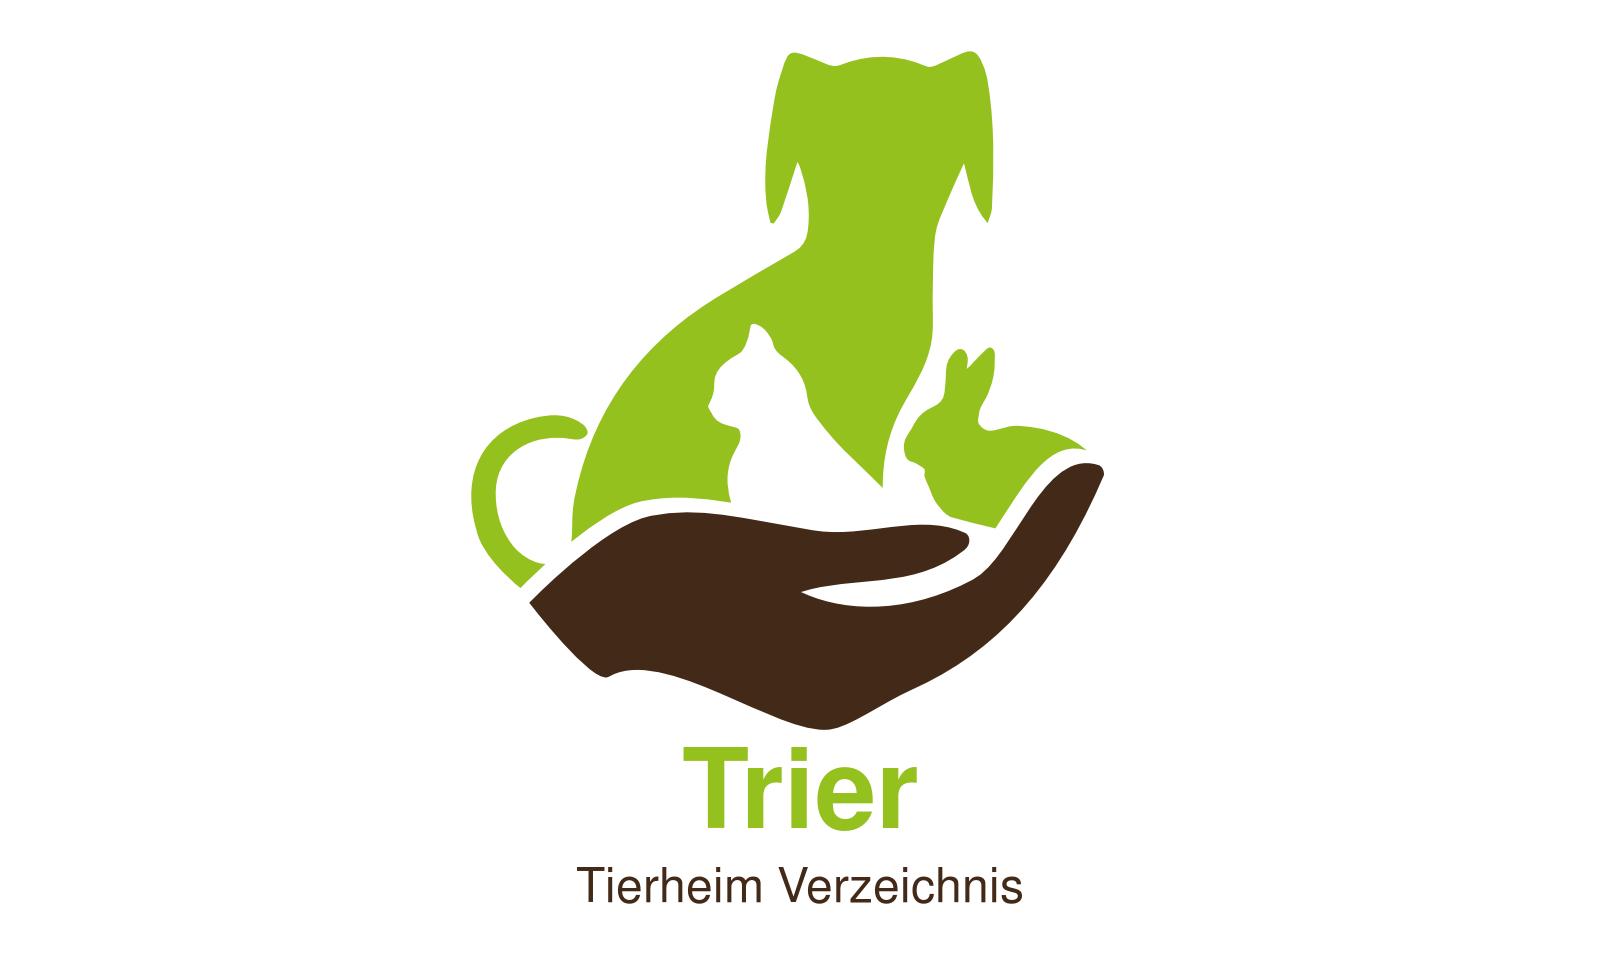 Tierheim Trier